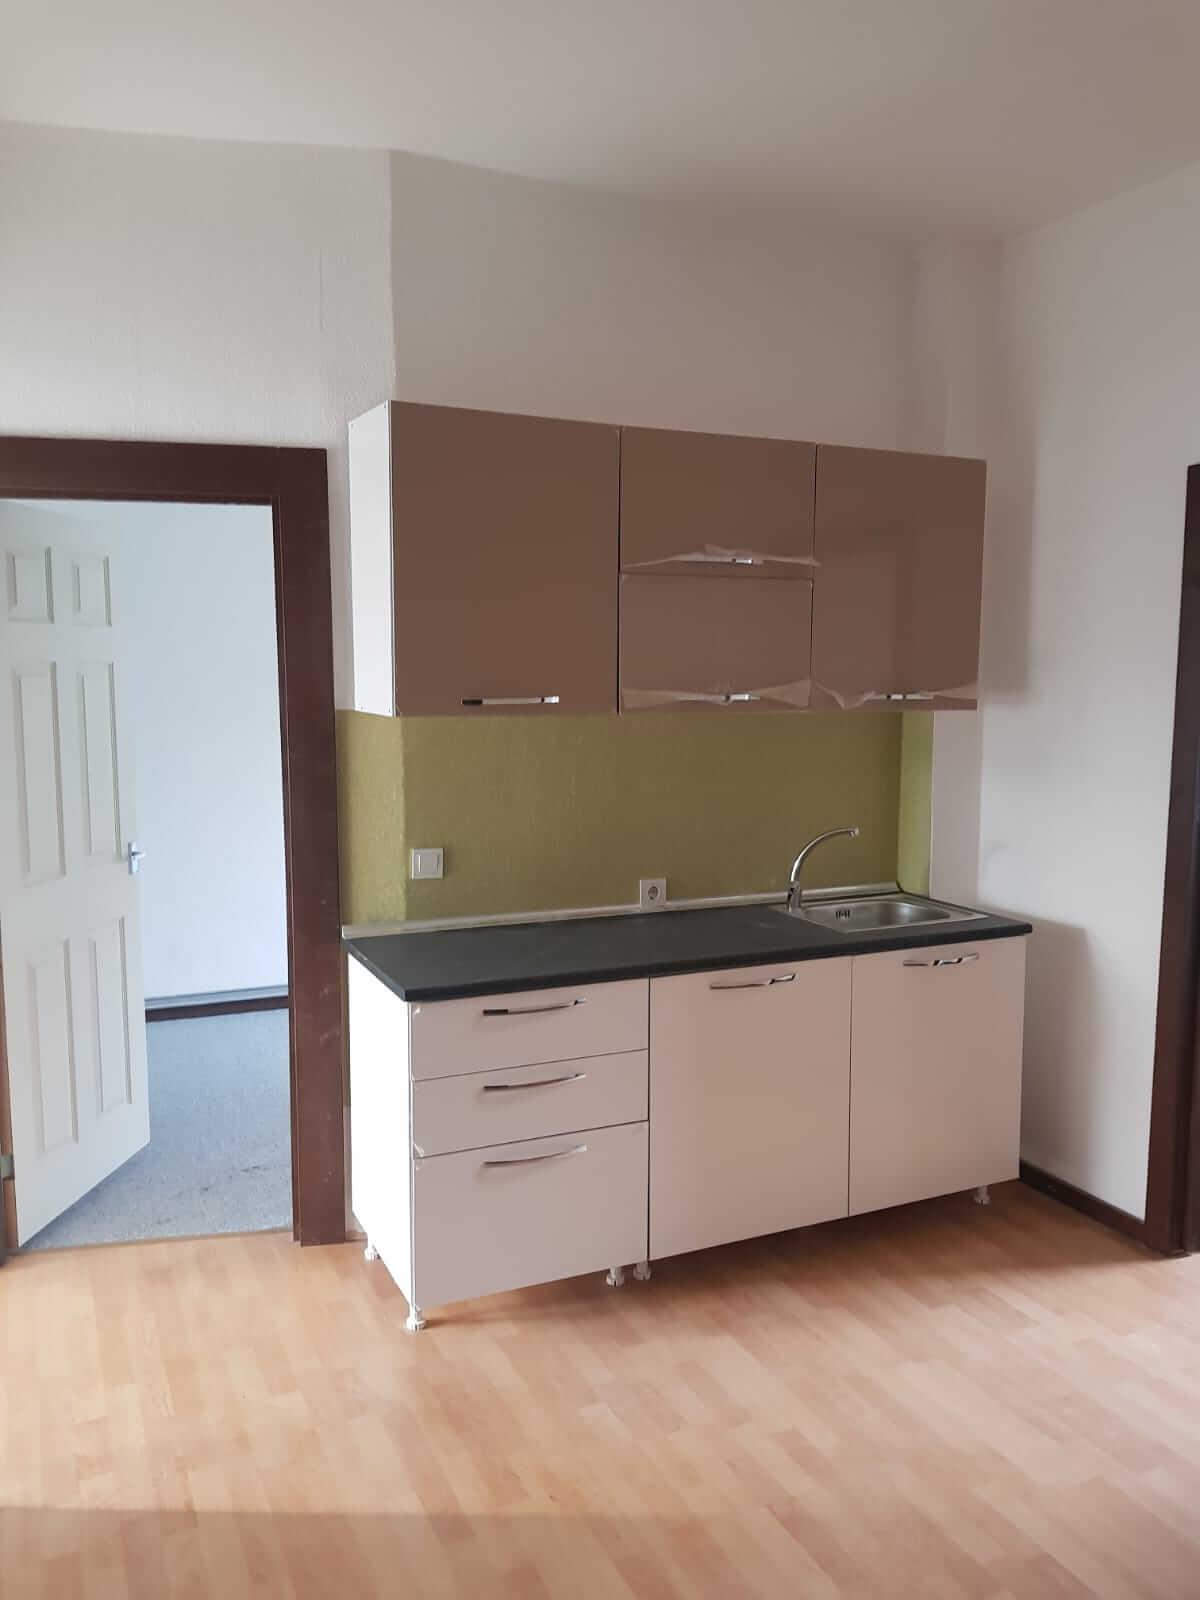 Predané: Kompletne zrekonštruovaný bytový dom, v Nemecku, na investíciu s nájomcami-11